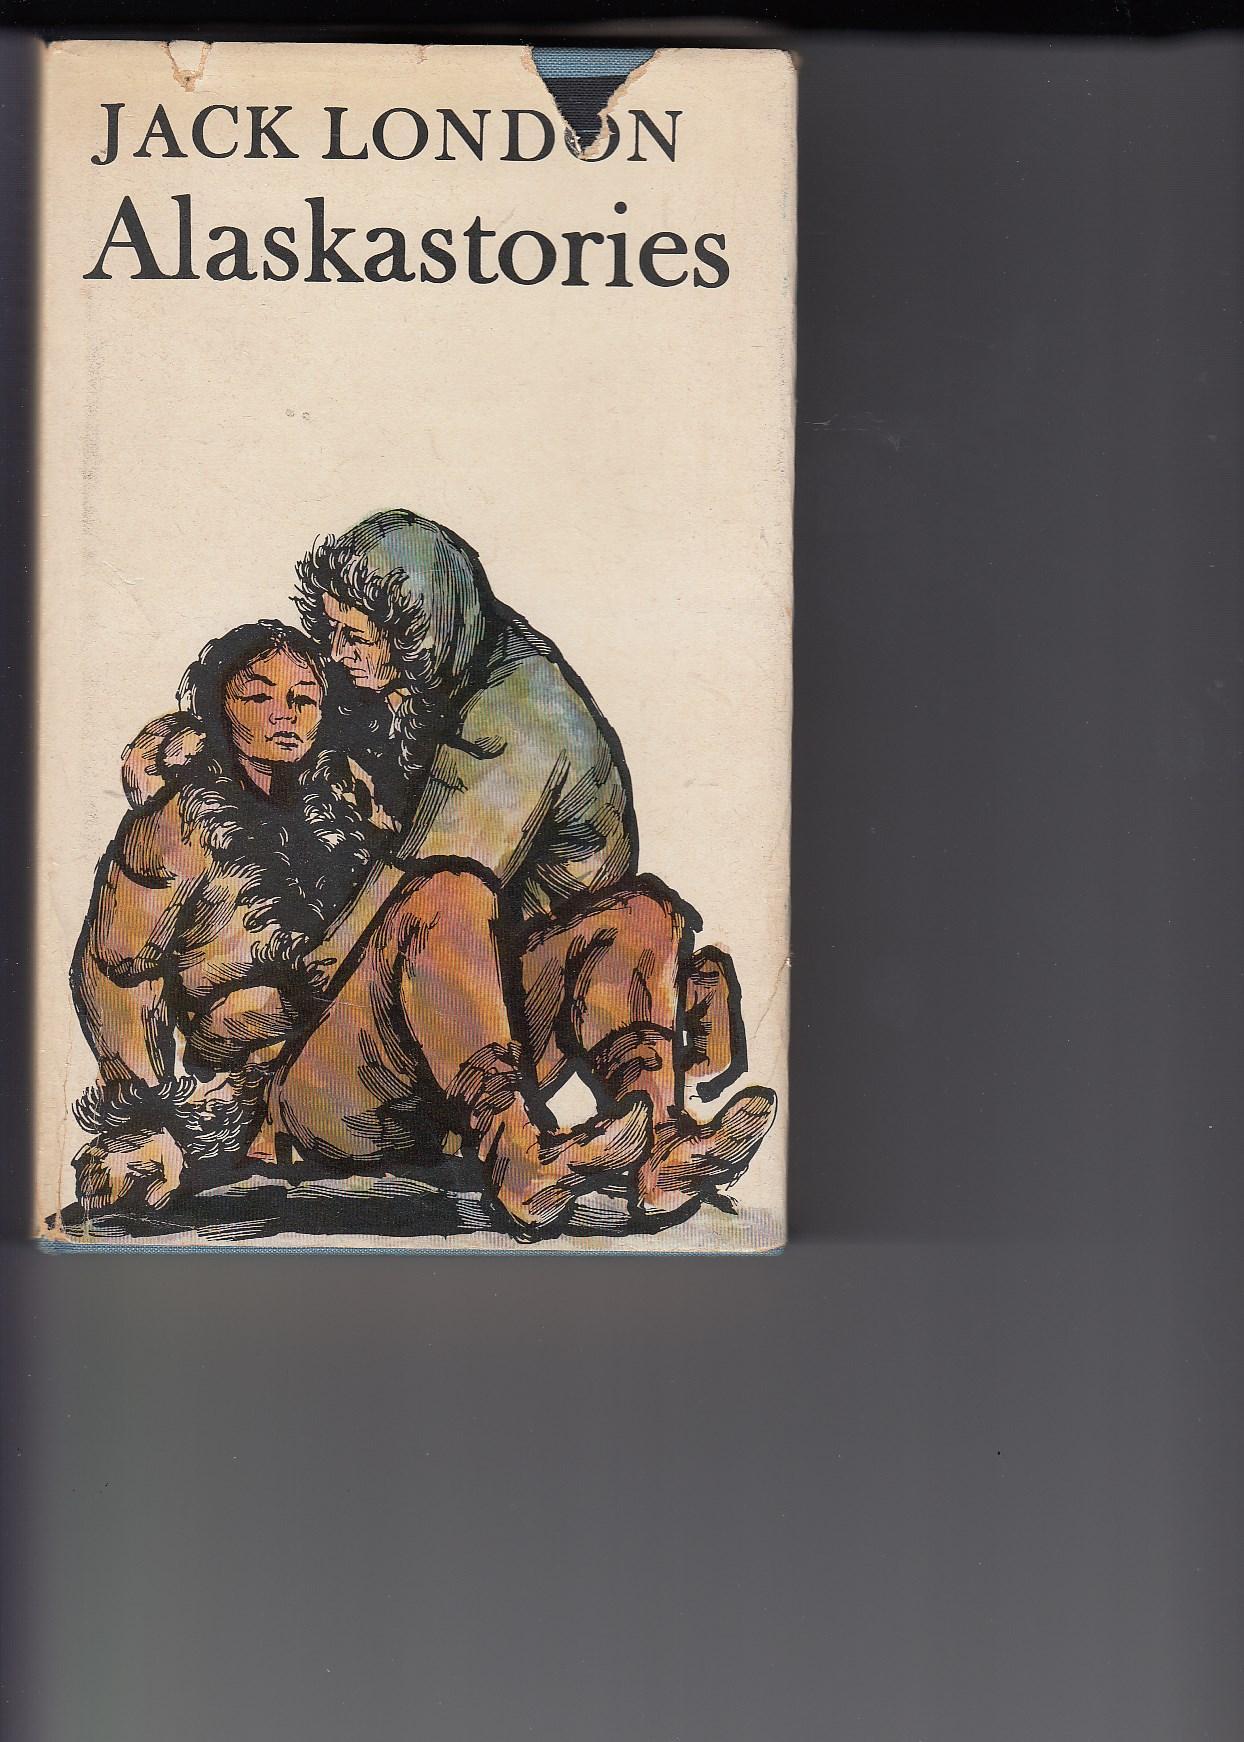 Alaskastories. Erzählungen. [Aus dem Amerikanischen übertragen von Christine Hoeppener]. Illustriert von Horst Bartsch. Herausgegeben und mit einem Nachwort versehen von Karl-Heinz Wirzberger.